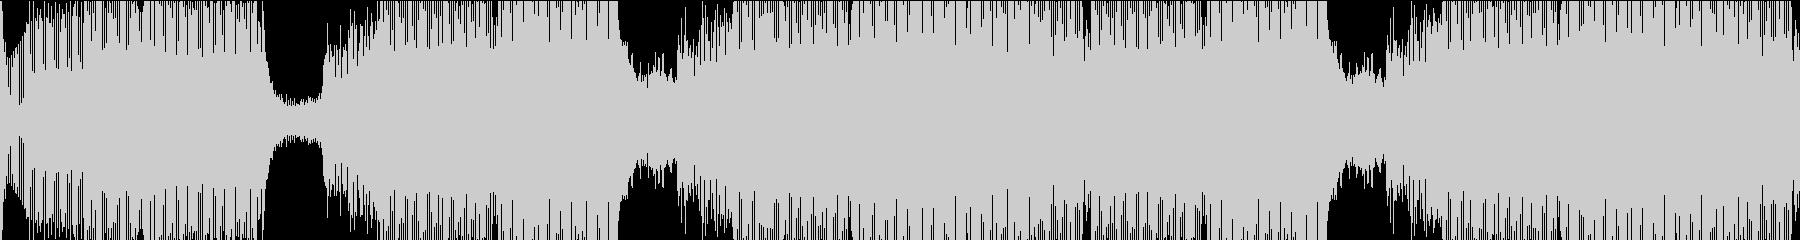 アップテンポな電子音クラブビートの未再生の波形